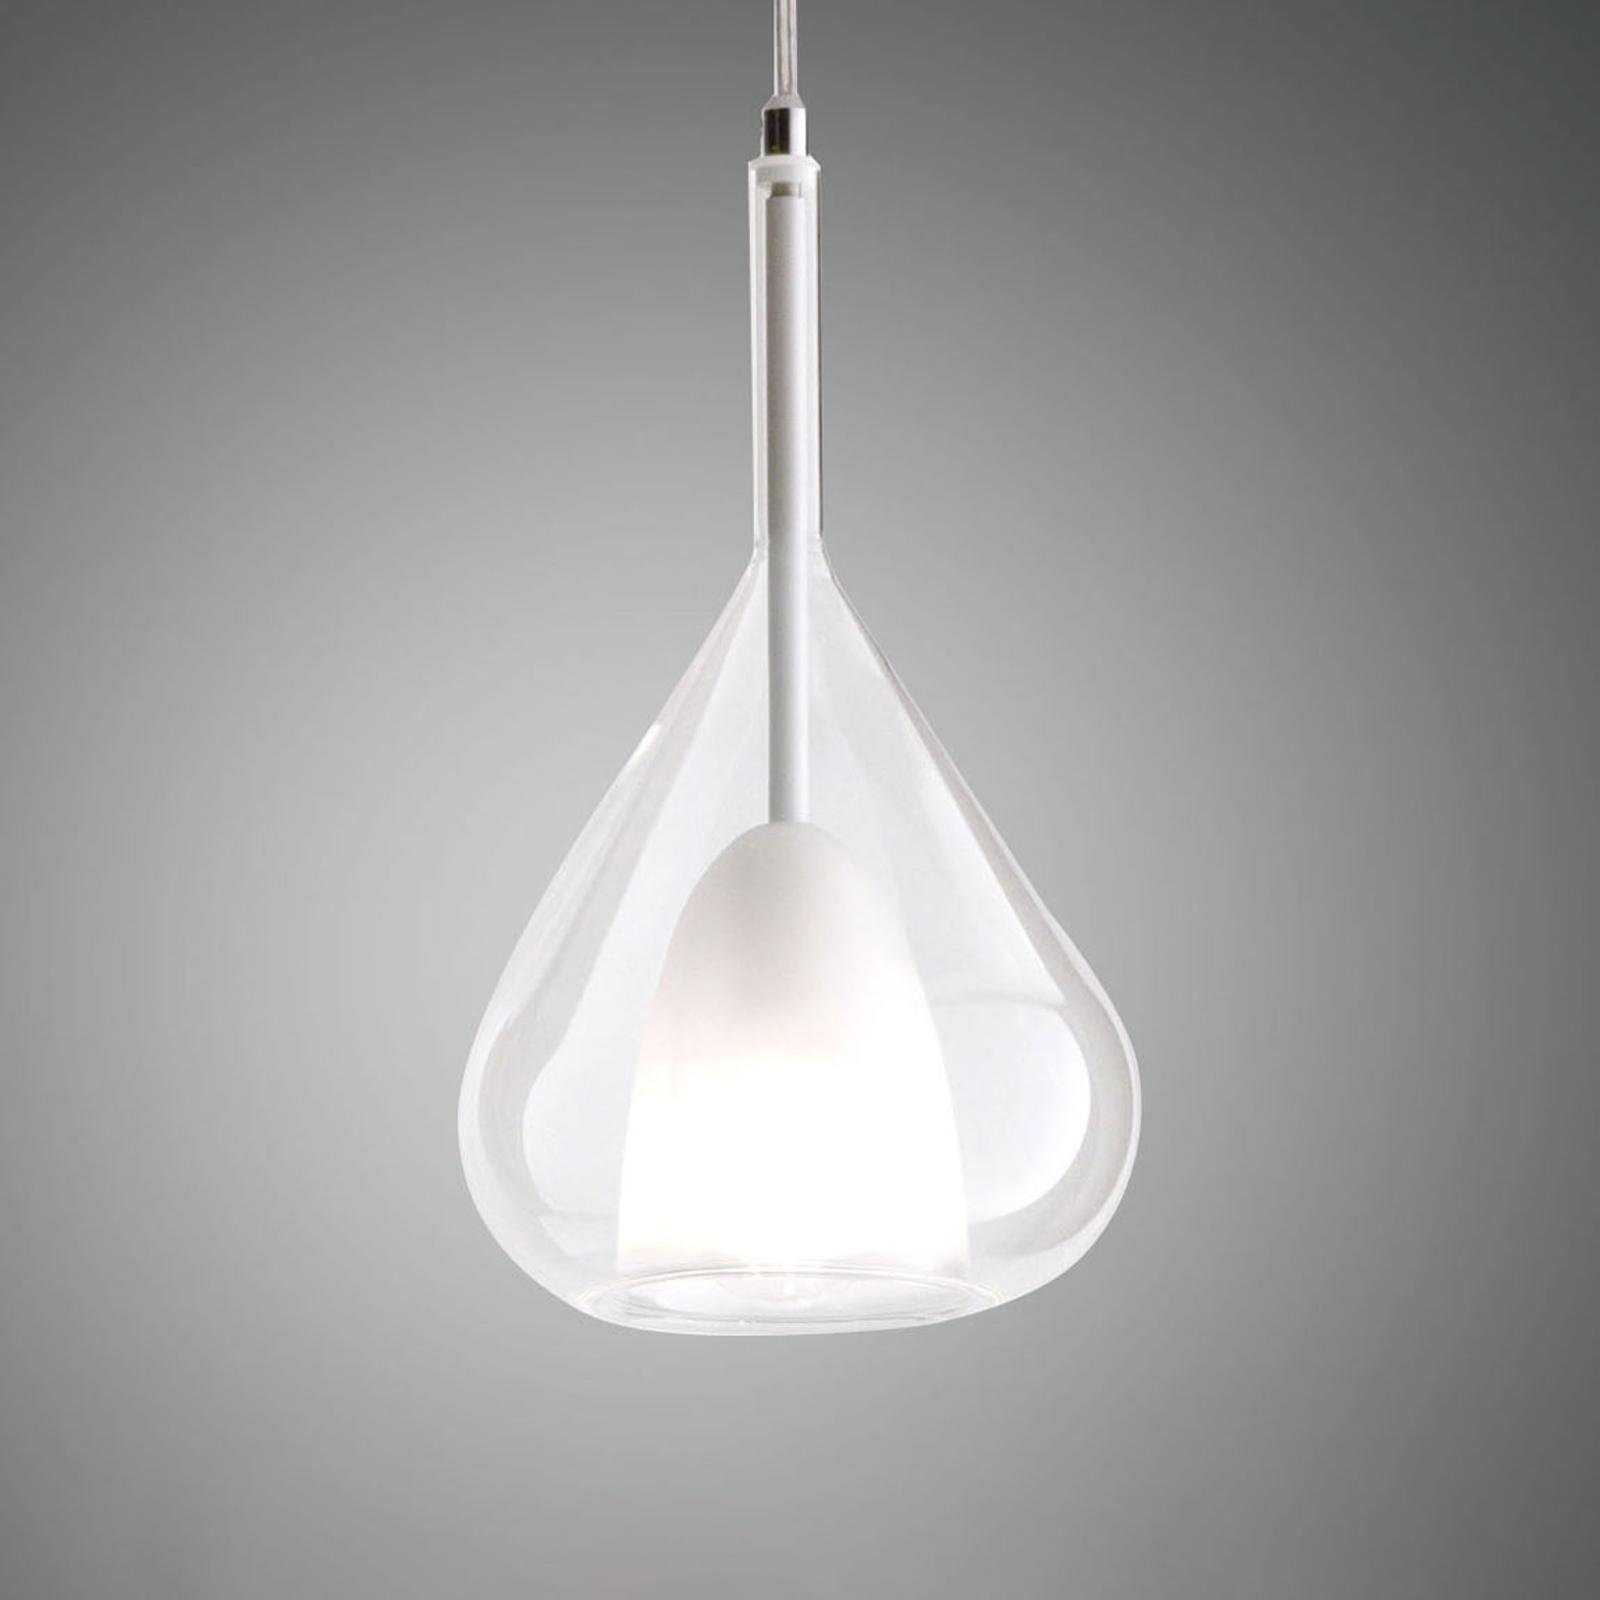 Lampa wisząca Lila, szklany klosz, przeźroczysta